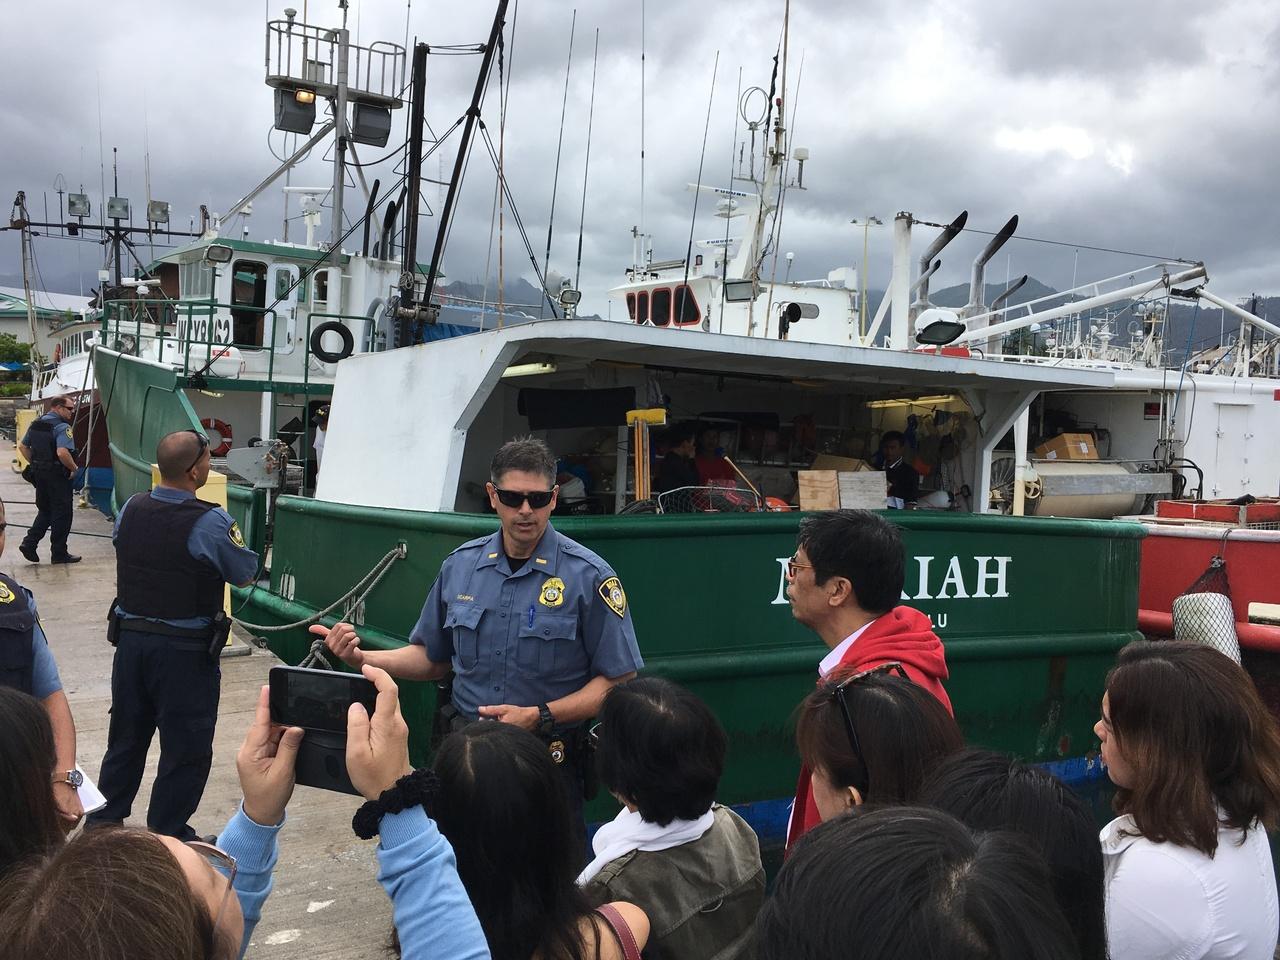 Inspection of longline fishing vessel led by NOAA Office of Law Enforcement's Joe Scarpa at Pier 38 in Honolulu